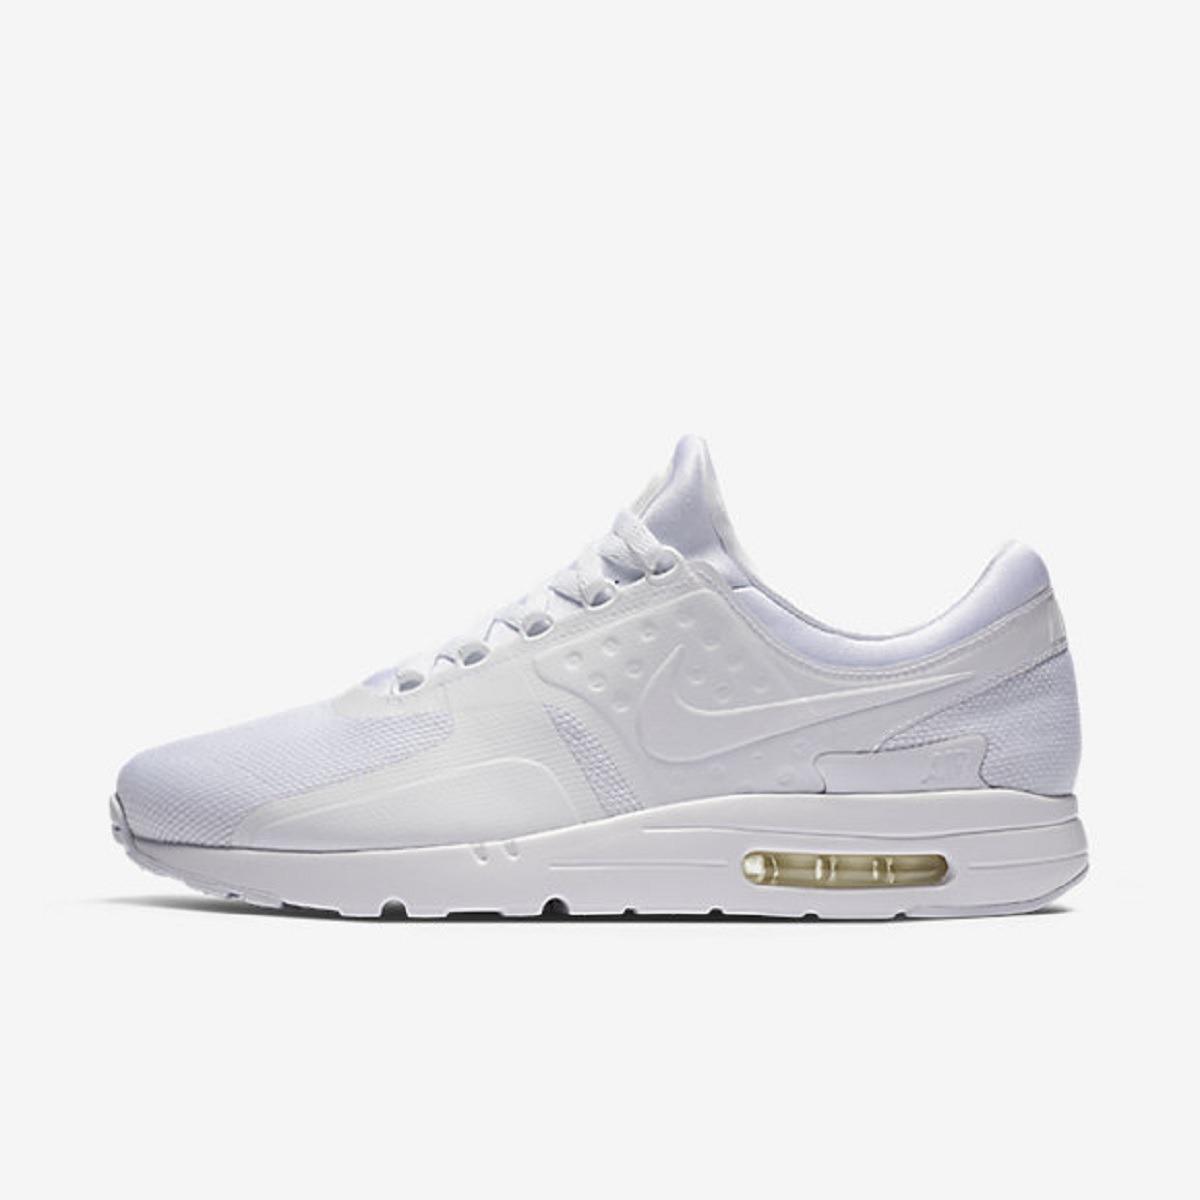 nike air max zero essential, Nike Shoe Sneakers Air Max 90